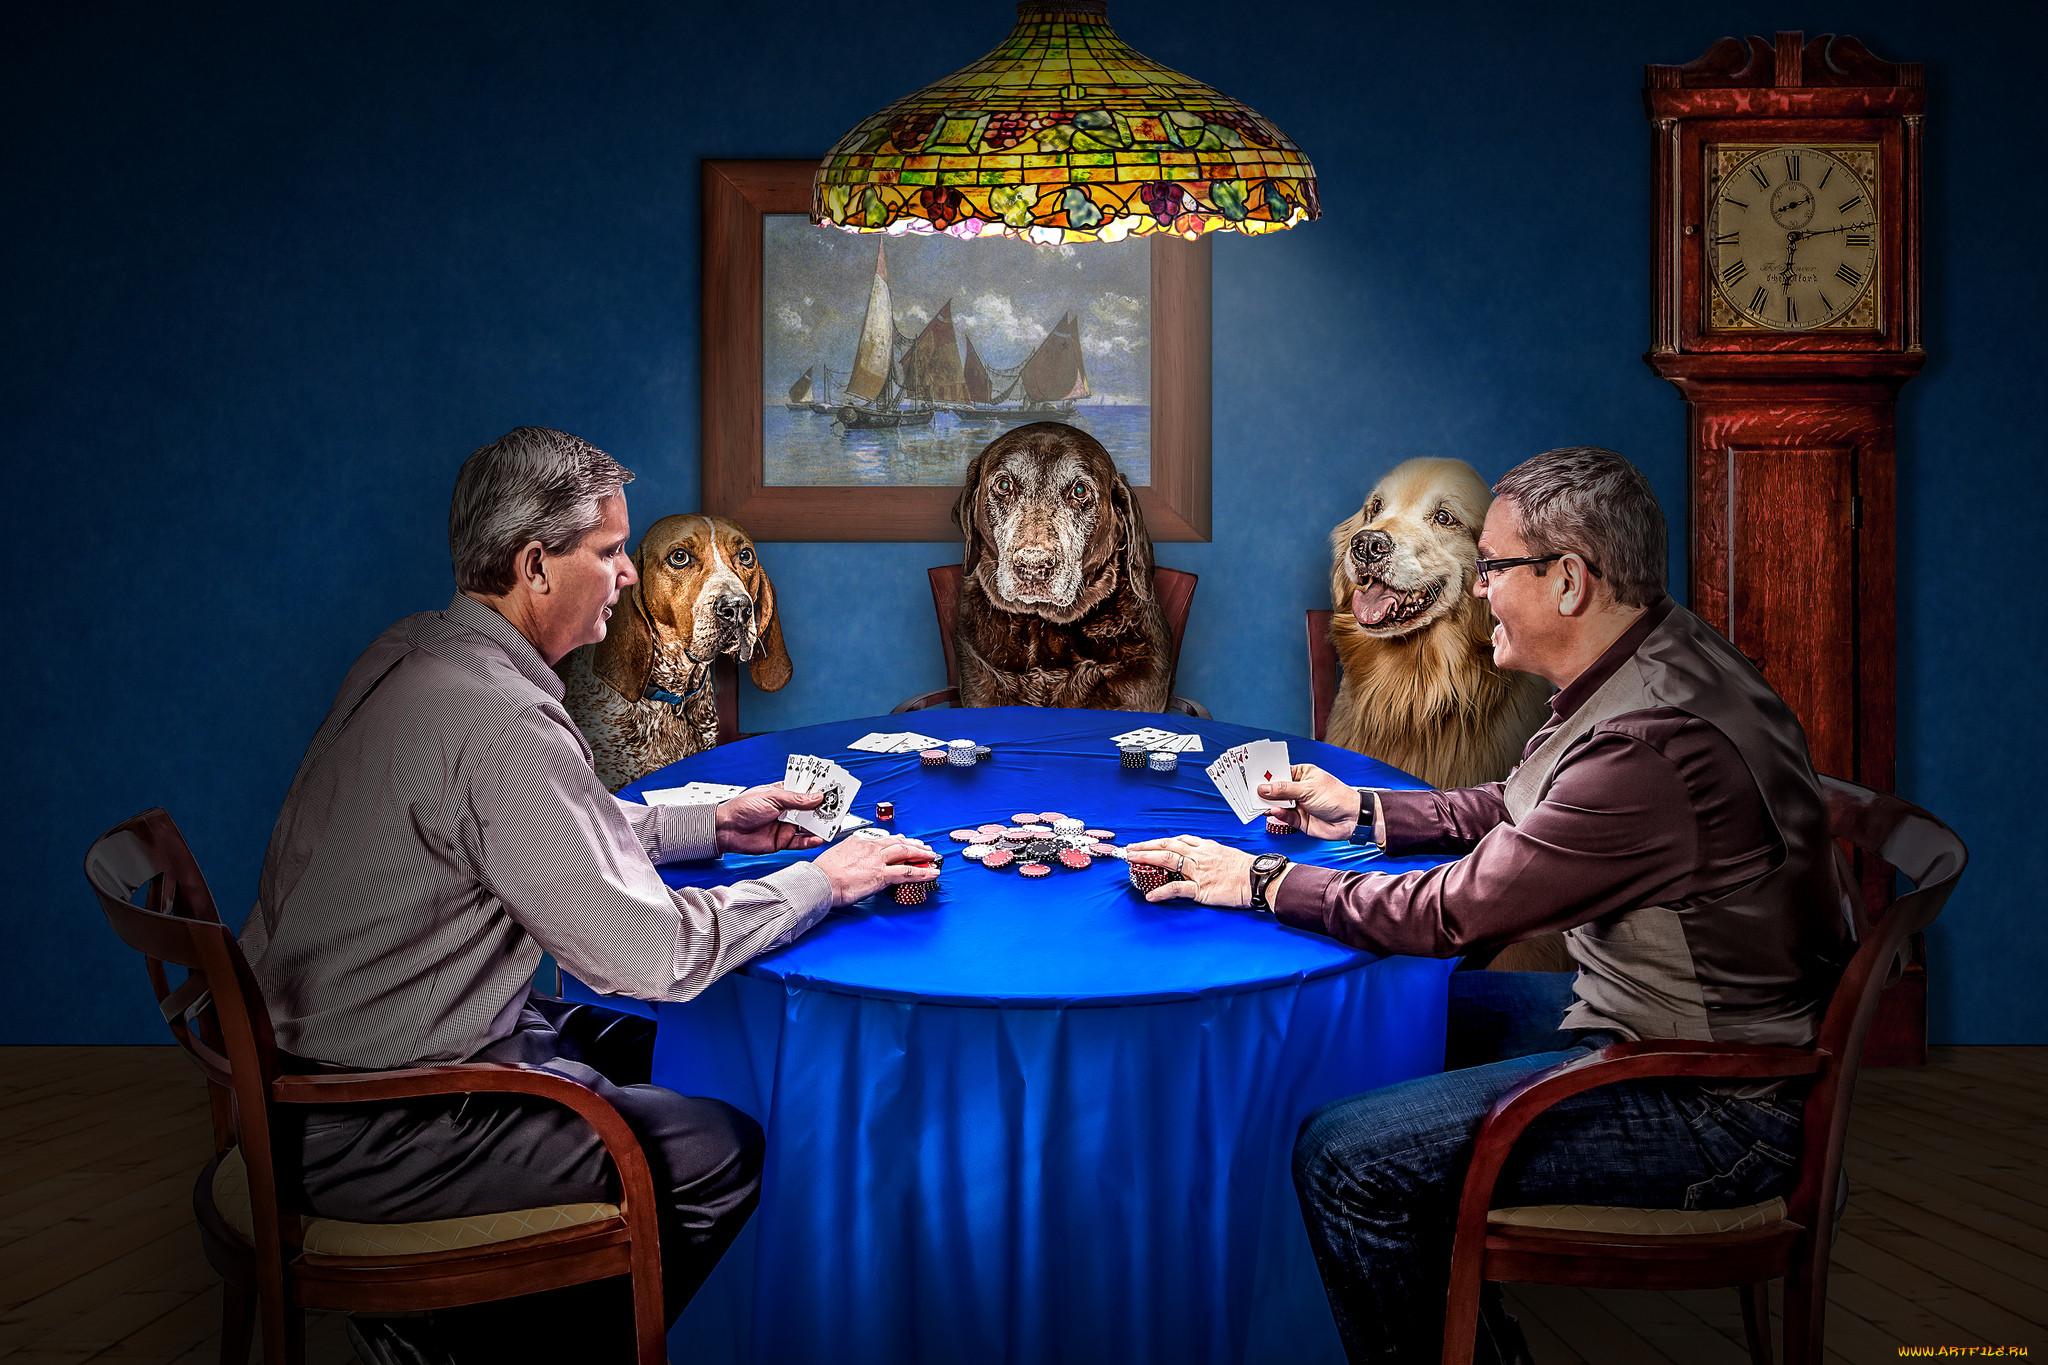 человеку доводилось картинки на тему карточных игр александрович